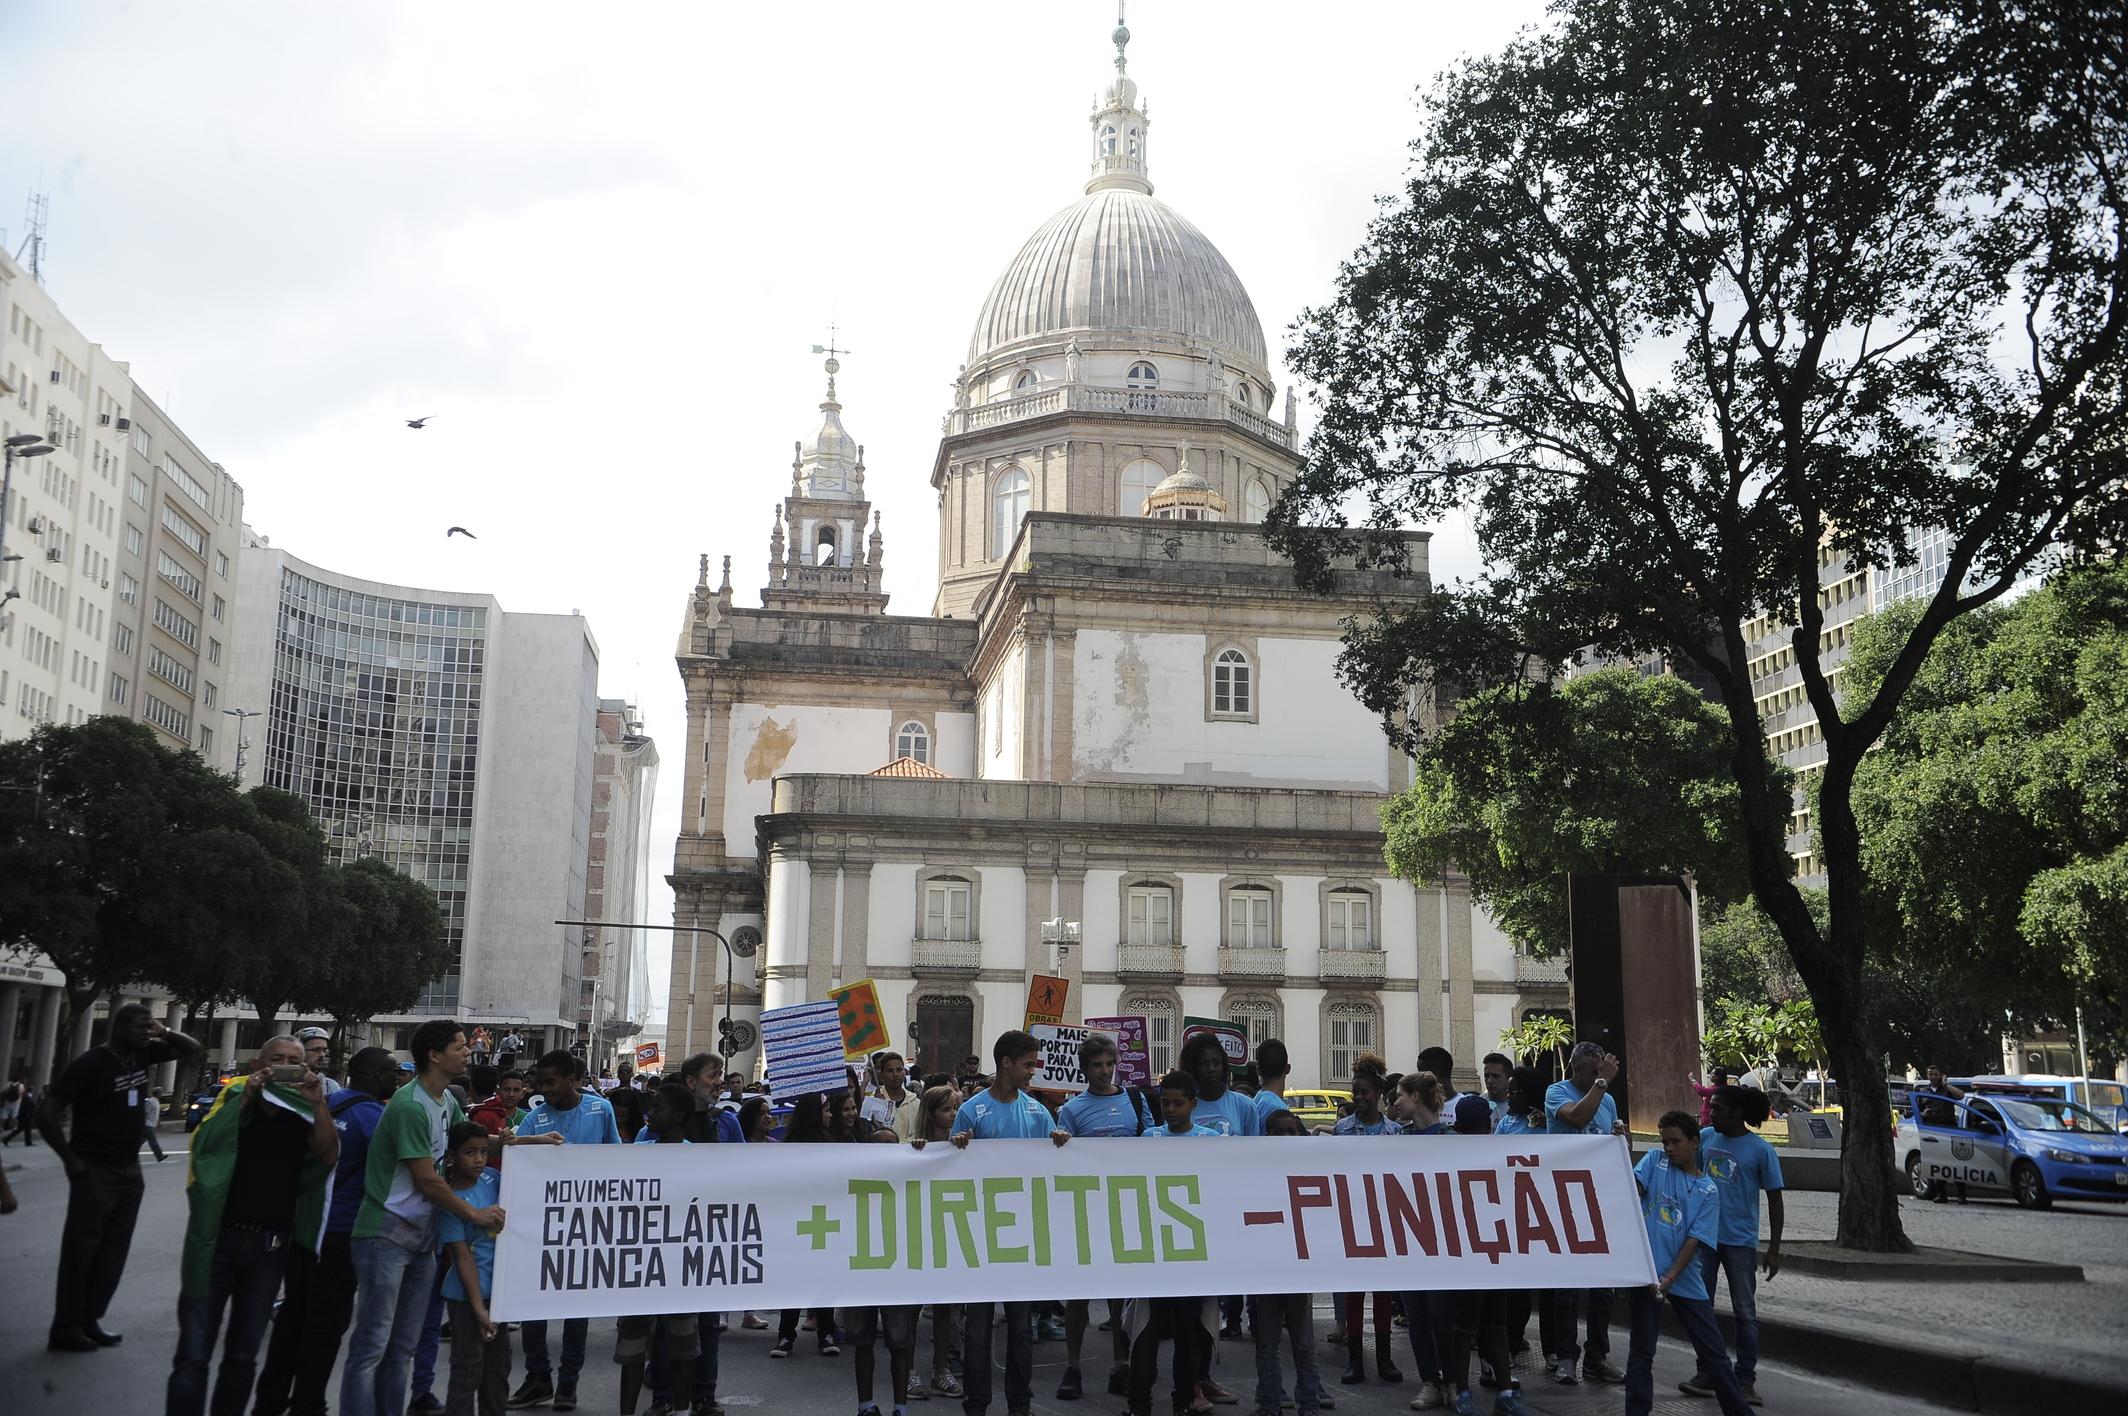 Caminhada em Defesa da Vida em memória à Chacina da Candelária, ocorrida há 22 anos, em 23 de julho de 1993 (Tânia Rêgo/Agência Brasil)